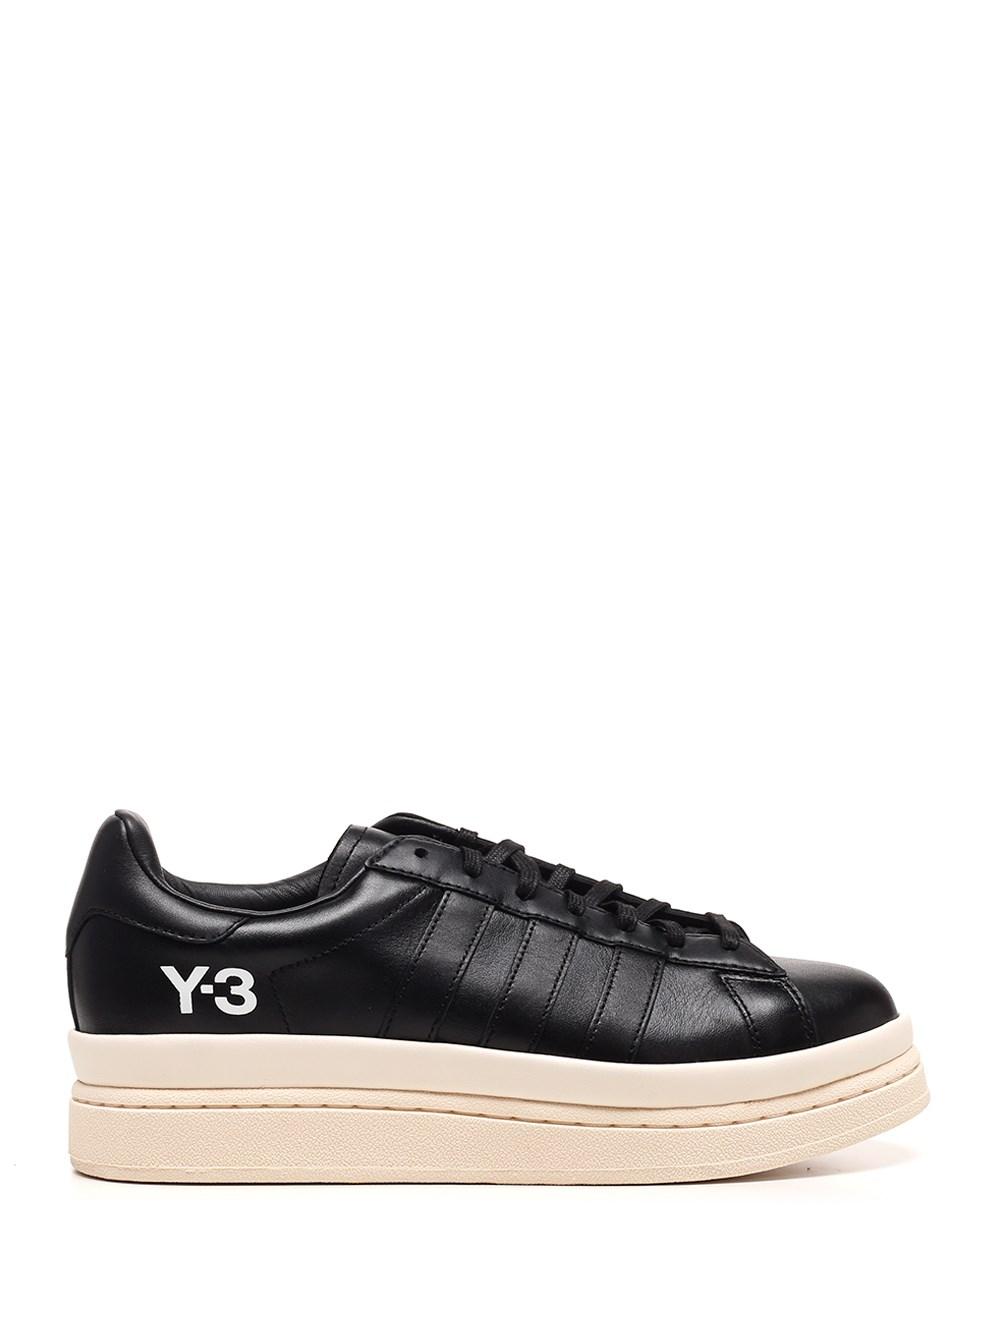 """ADIDAS Y-3 Black """"Hicho"""" Sneakers"""